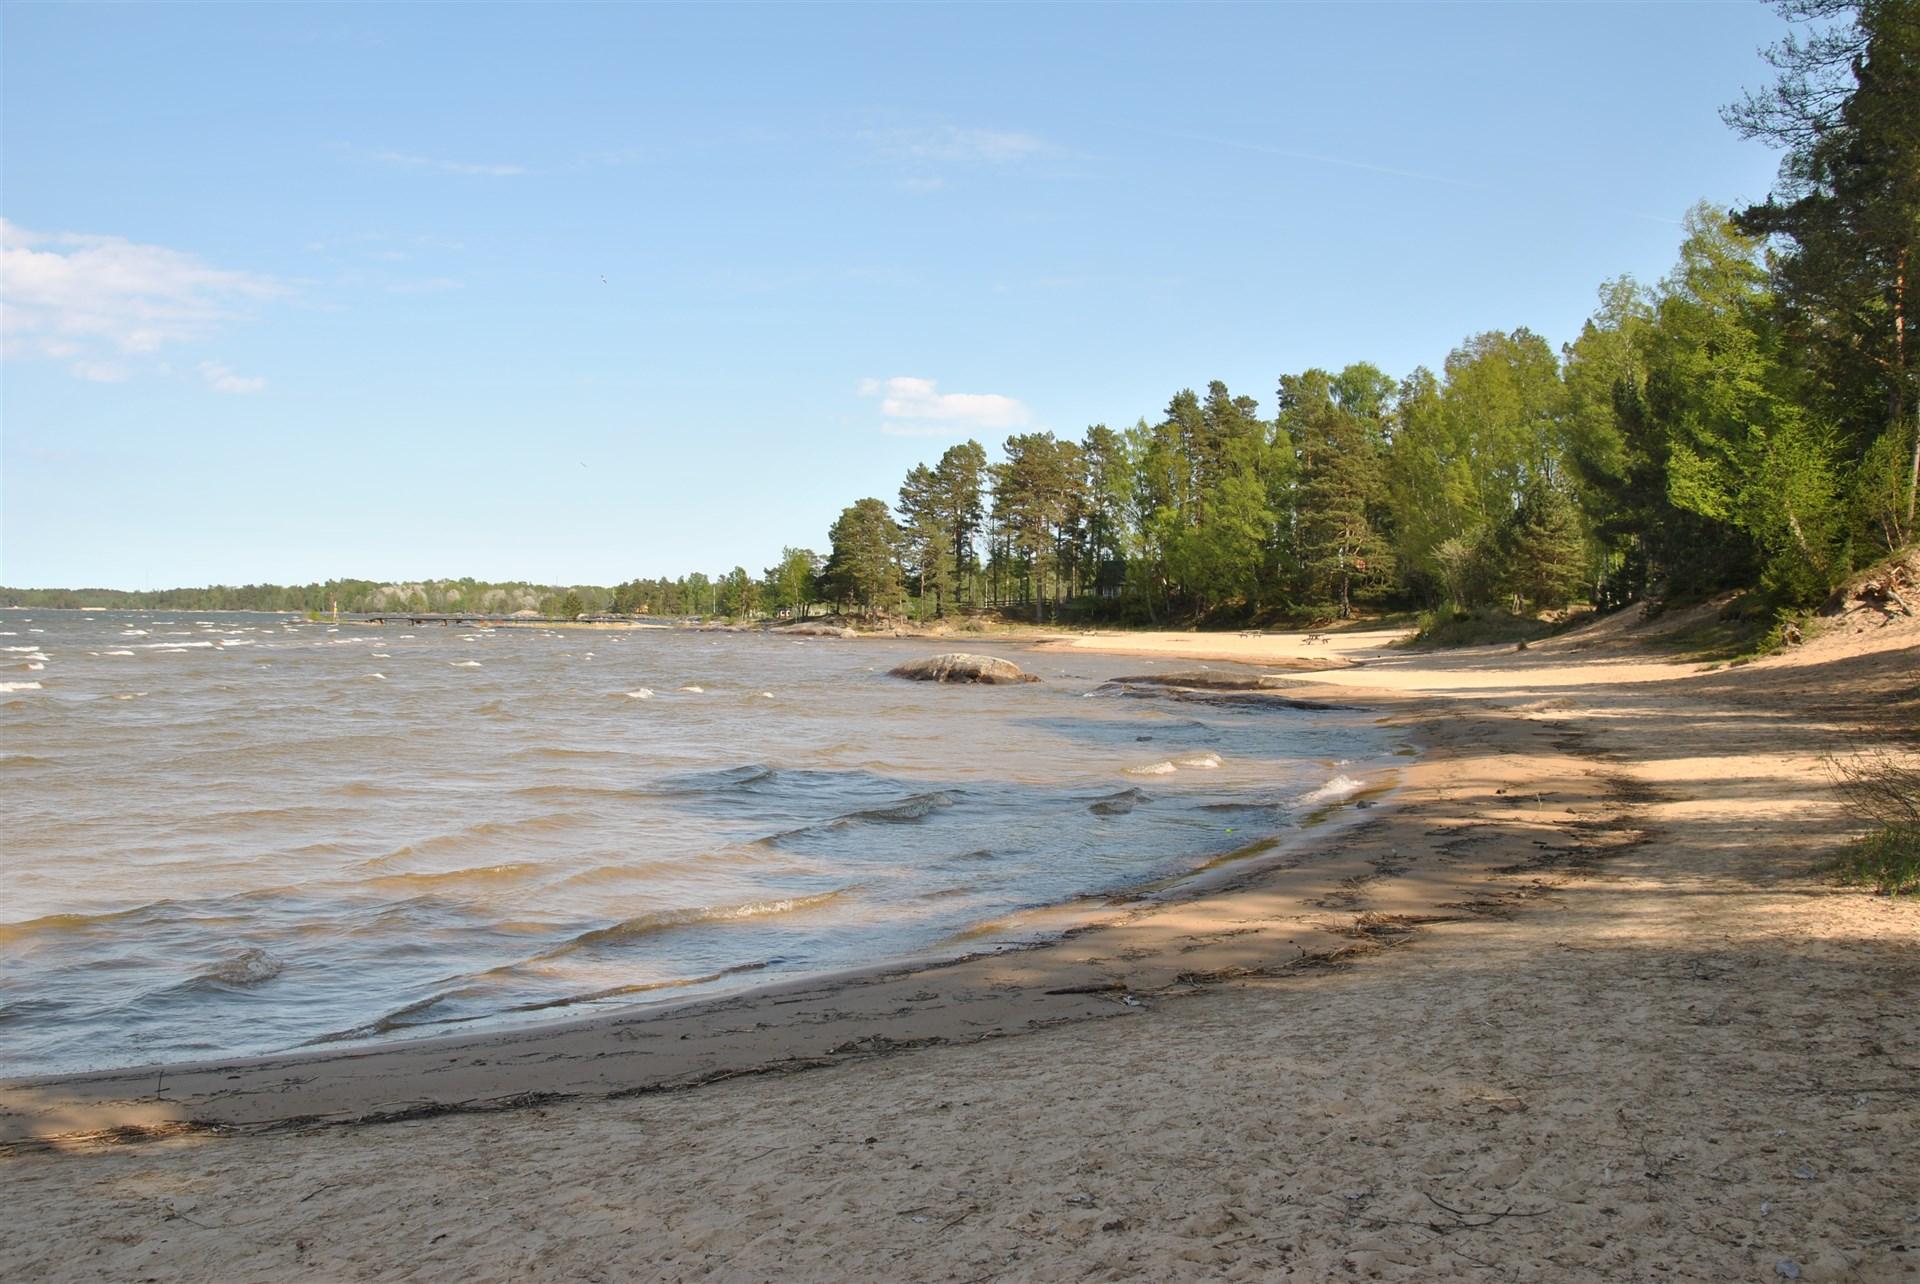 Ca 7,5 km till populär badstrand vid Gardesanna...